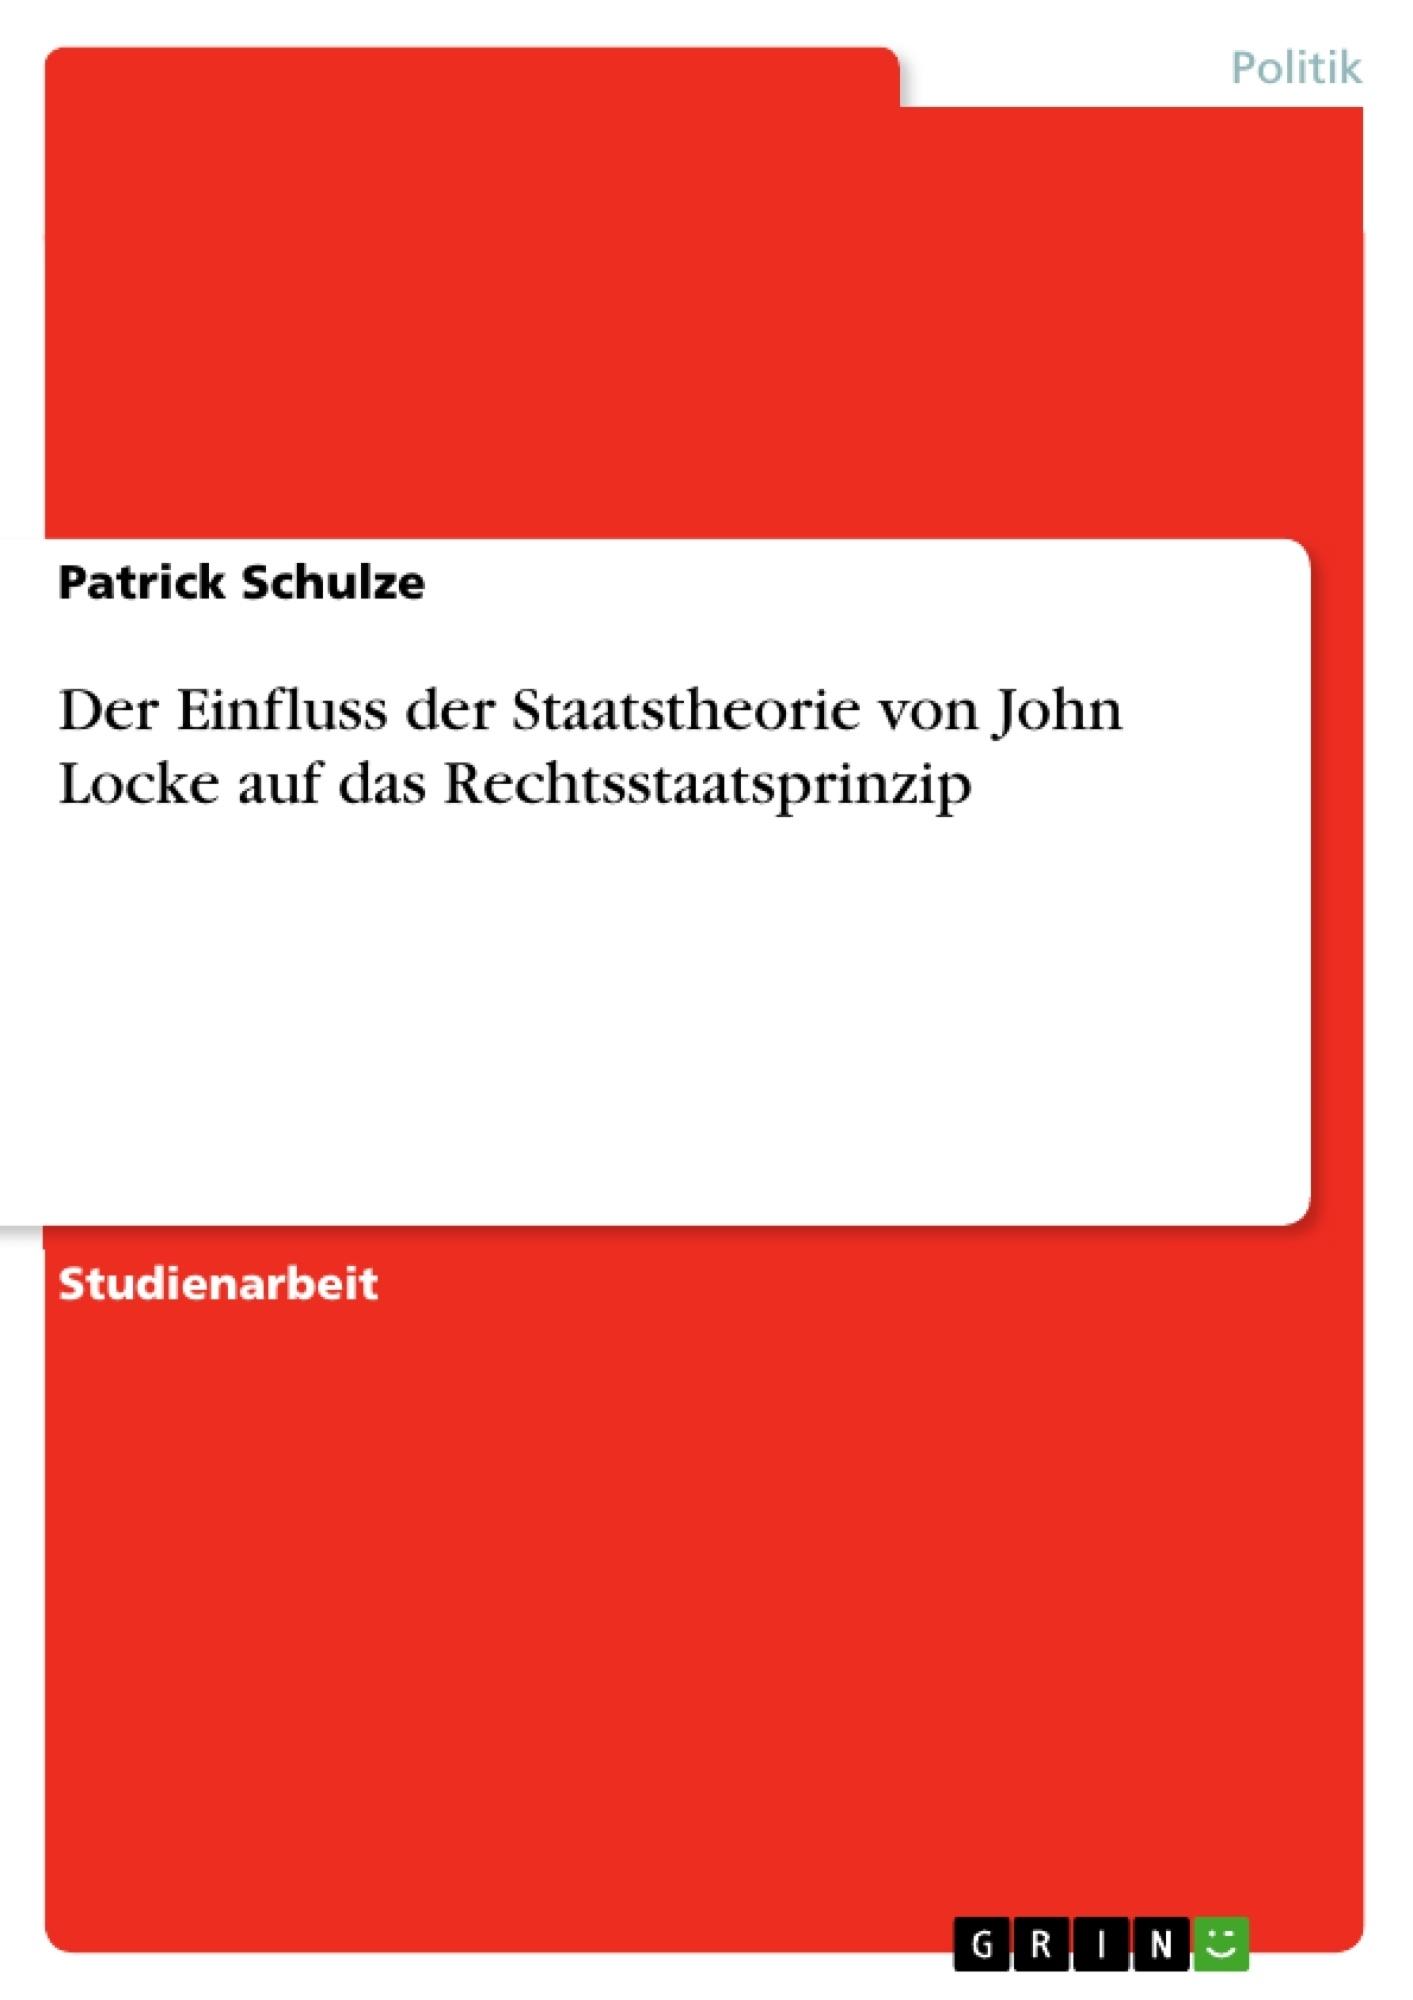 Titel: Der Einfluss der Staatstheorie von John Locke auf das Rechtsstaatsprinzip